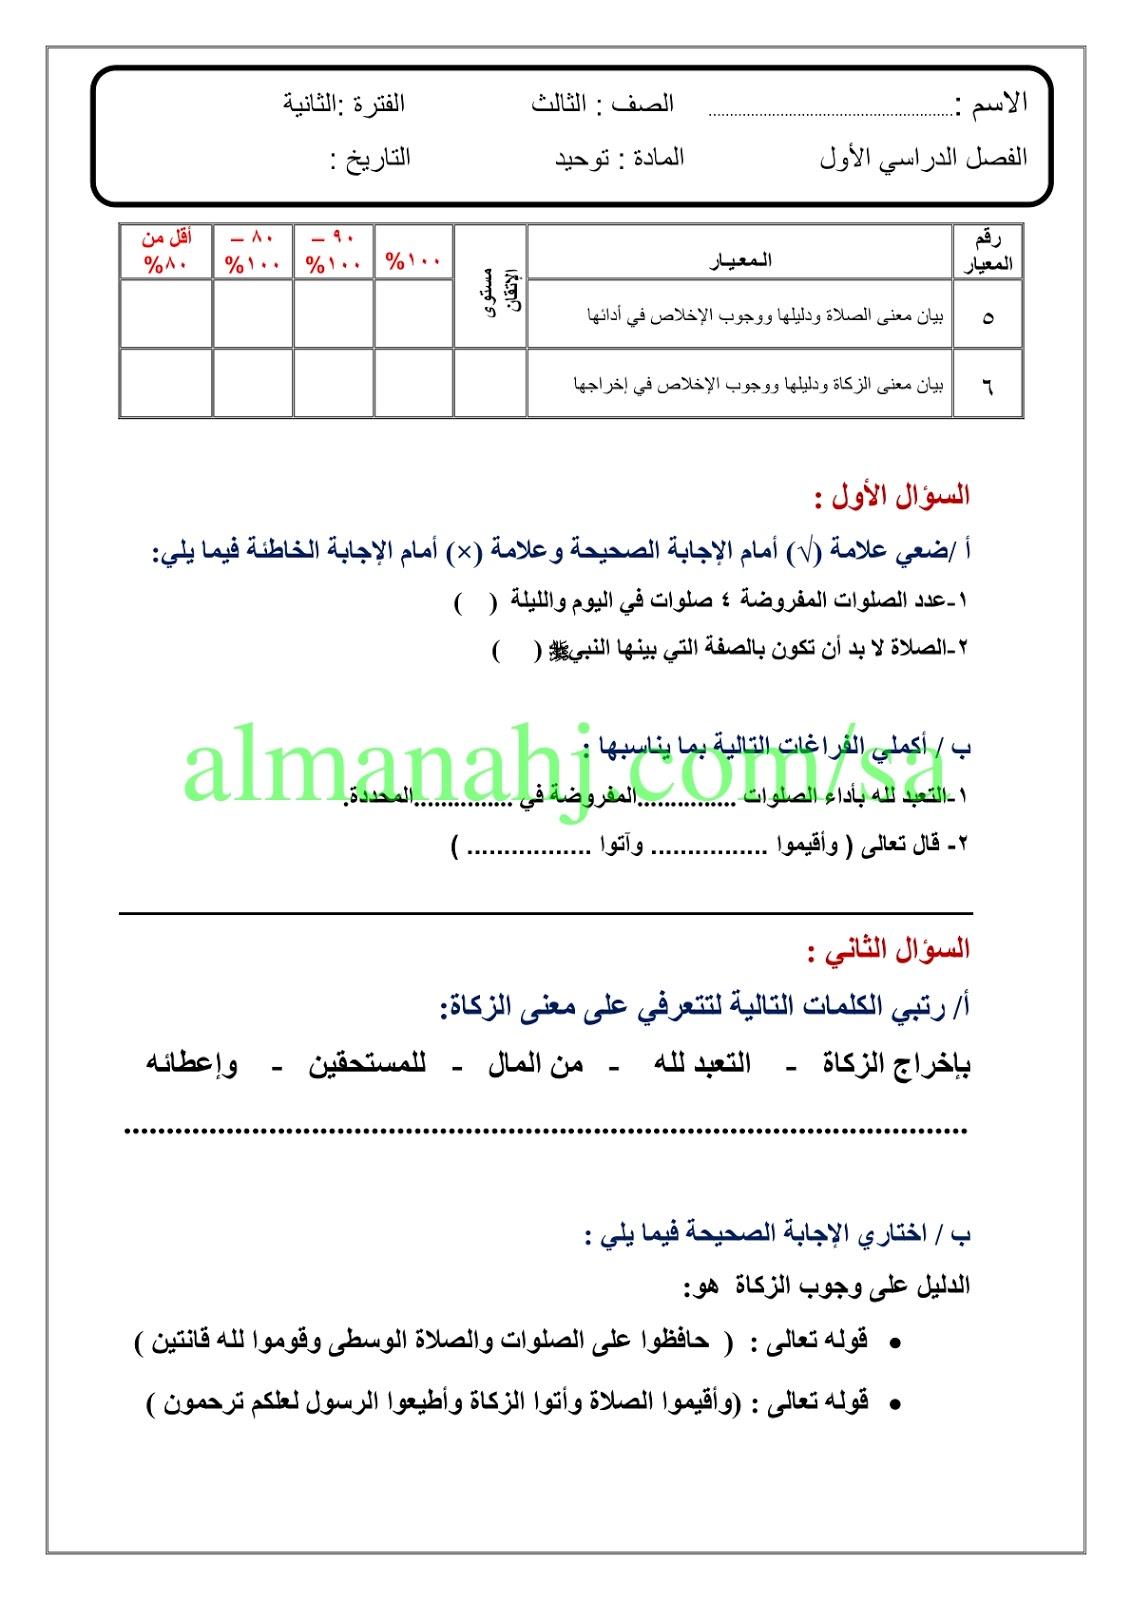 اختبار توحيد ثالث ابتدائي الصف الثالث التوحيد الفصل الثاني المناهج السعودية